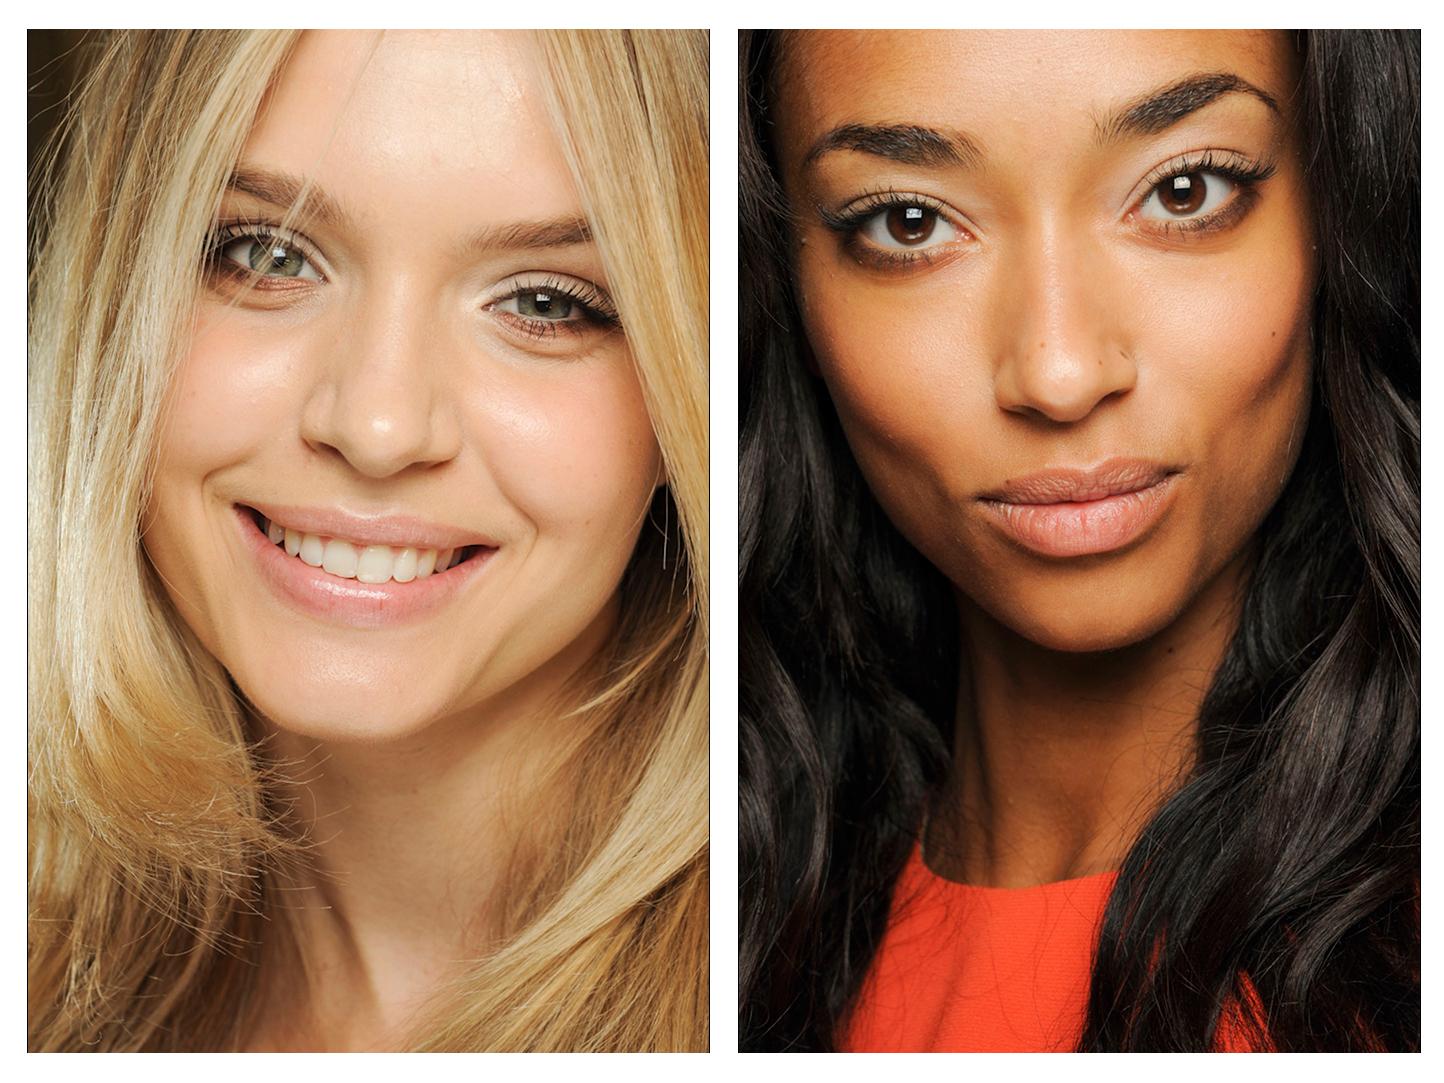 042b307f9c9 Makeup Trends Archives - Kirei Makeup